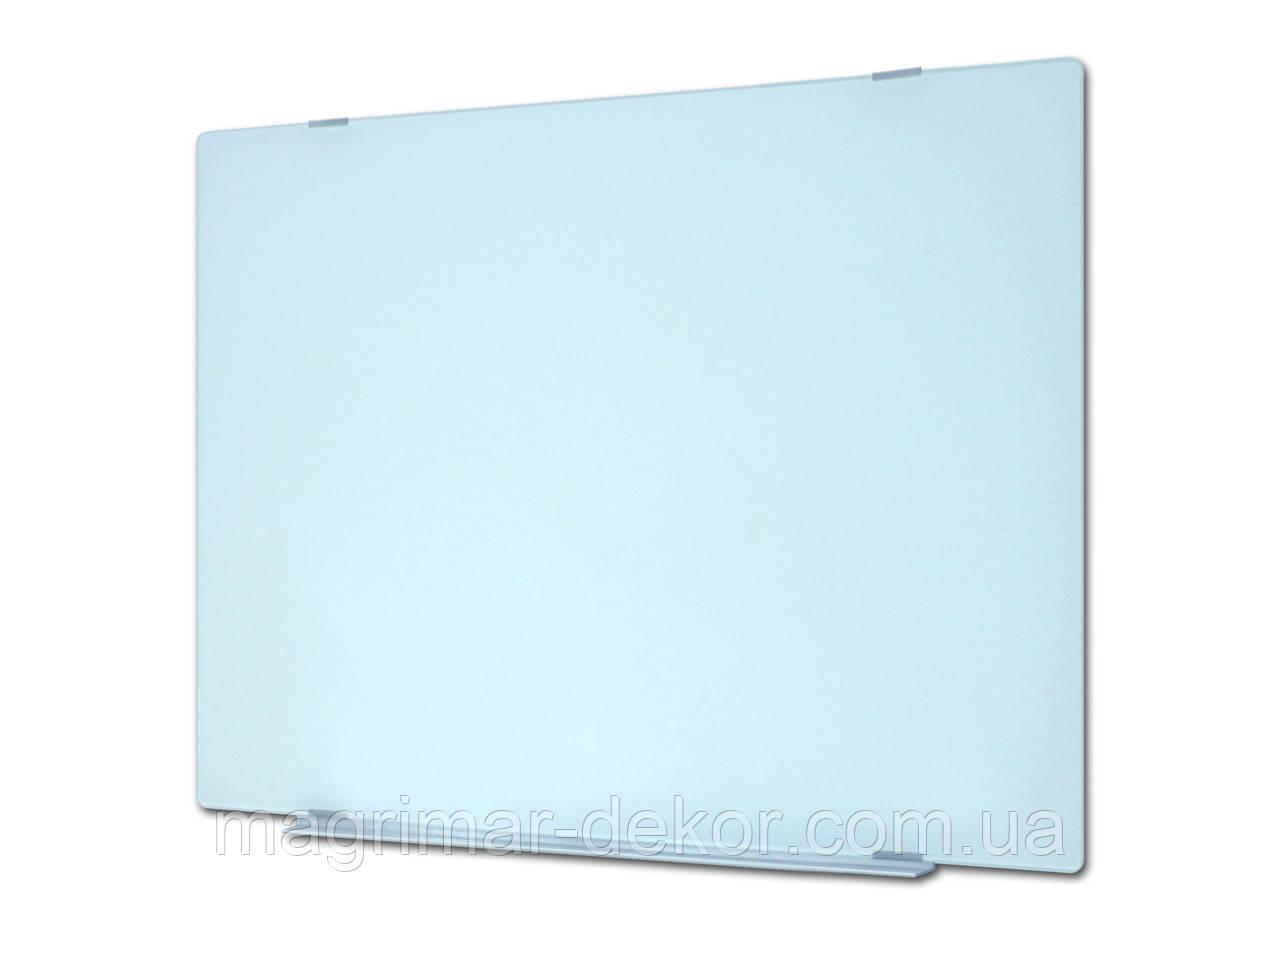 Доска магнитно-маркерная стеклянная